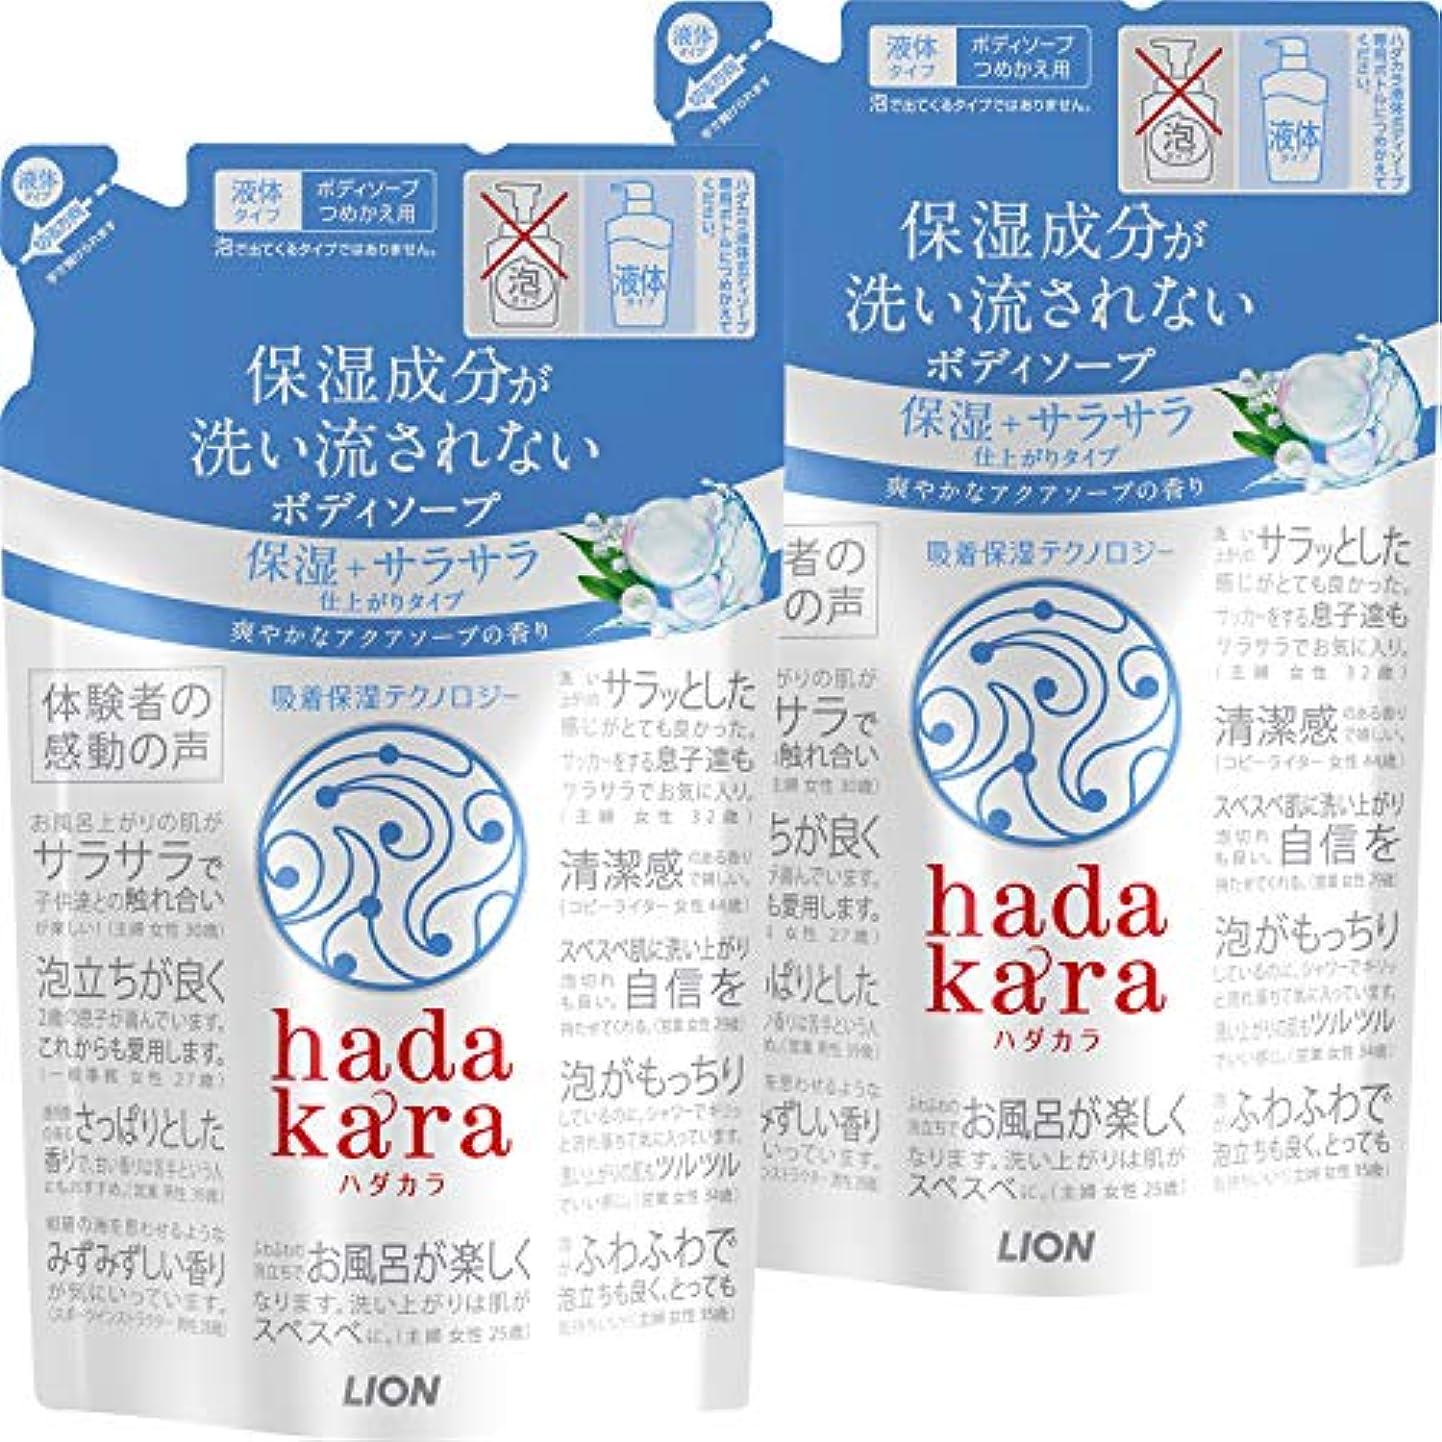 農業失敗うめき【まとめ買い】hadakara(ハダカラ) ボディソープ 保湿+サラサラ仕上がりタイプ アクアソープの香り 詰め替え 340ml×2個パック